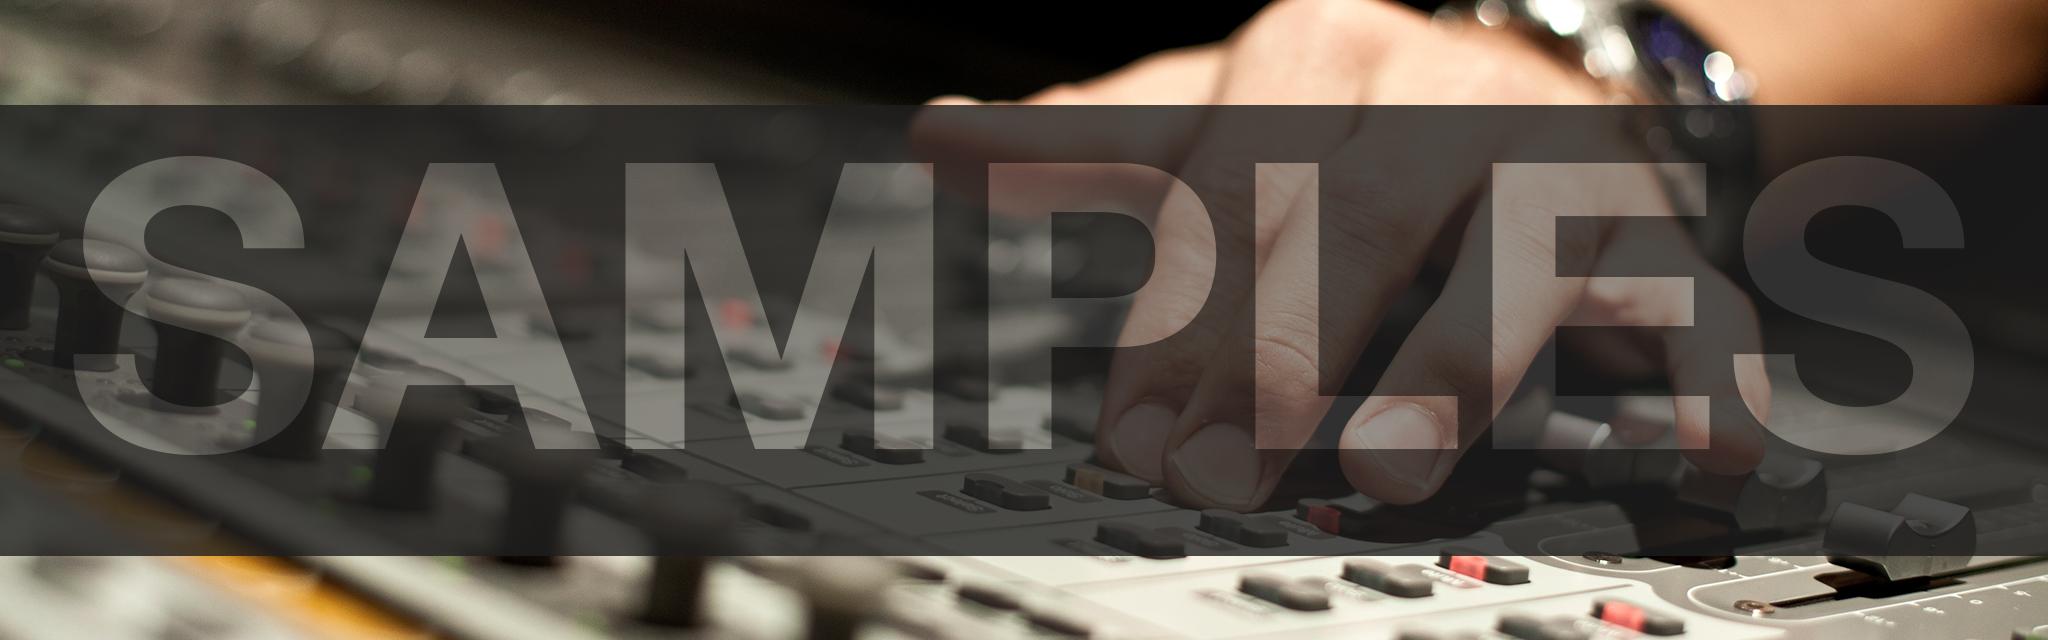 Samples - Gianni Quarta - Técnico de sonido directo y post producción audiovisual para film, publicidad y televisión en Barcelona - Film, TV and commercials sound mixer and sound post production based in Barcelona